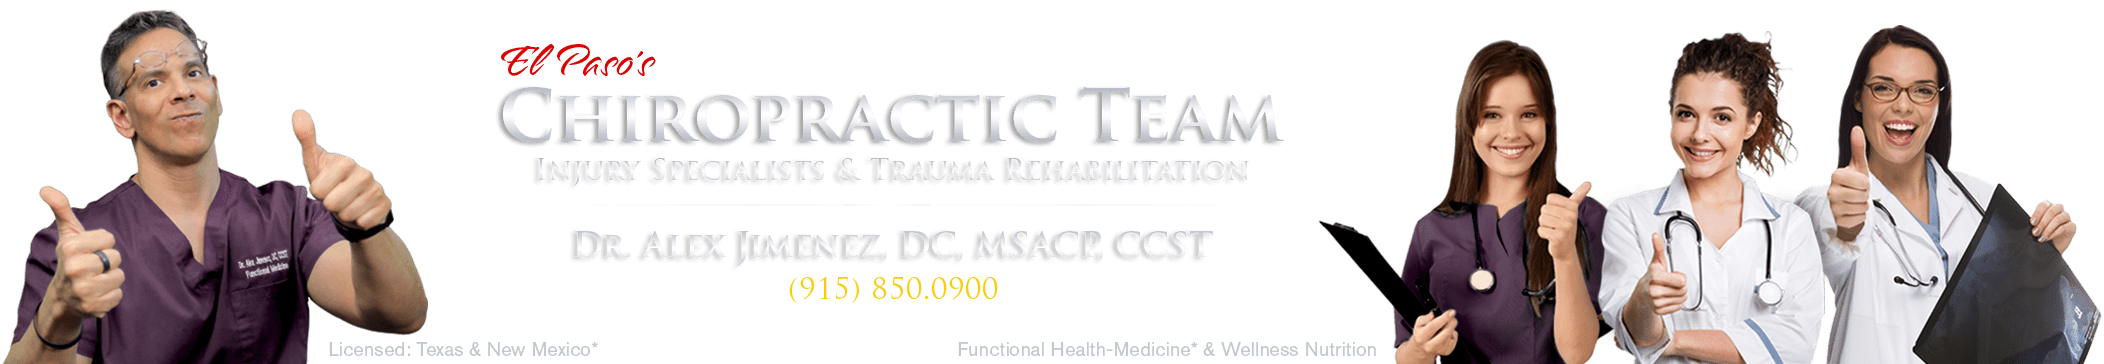 Klinik Kiropraktik Premier El Paso 915-850-0900